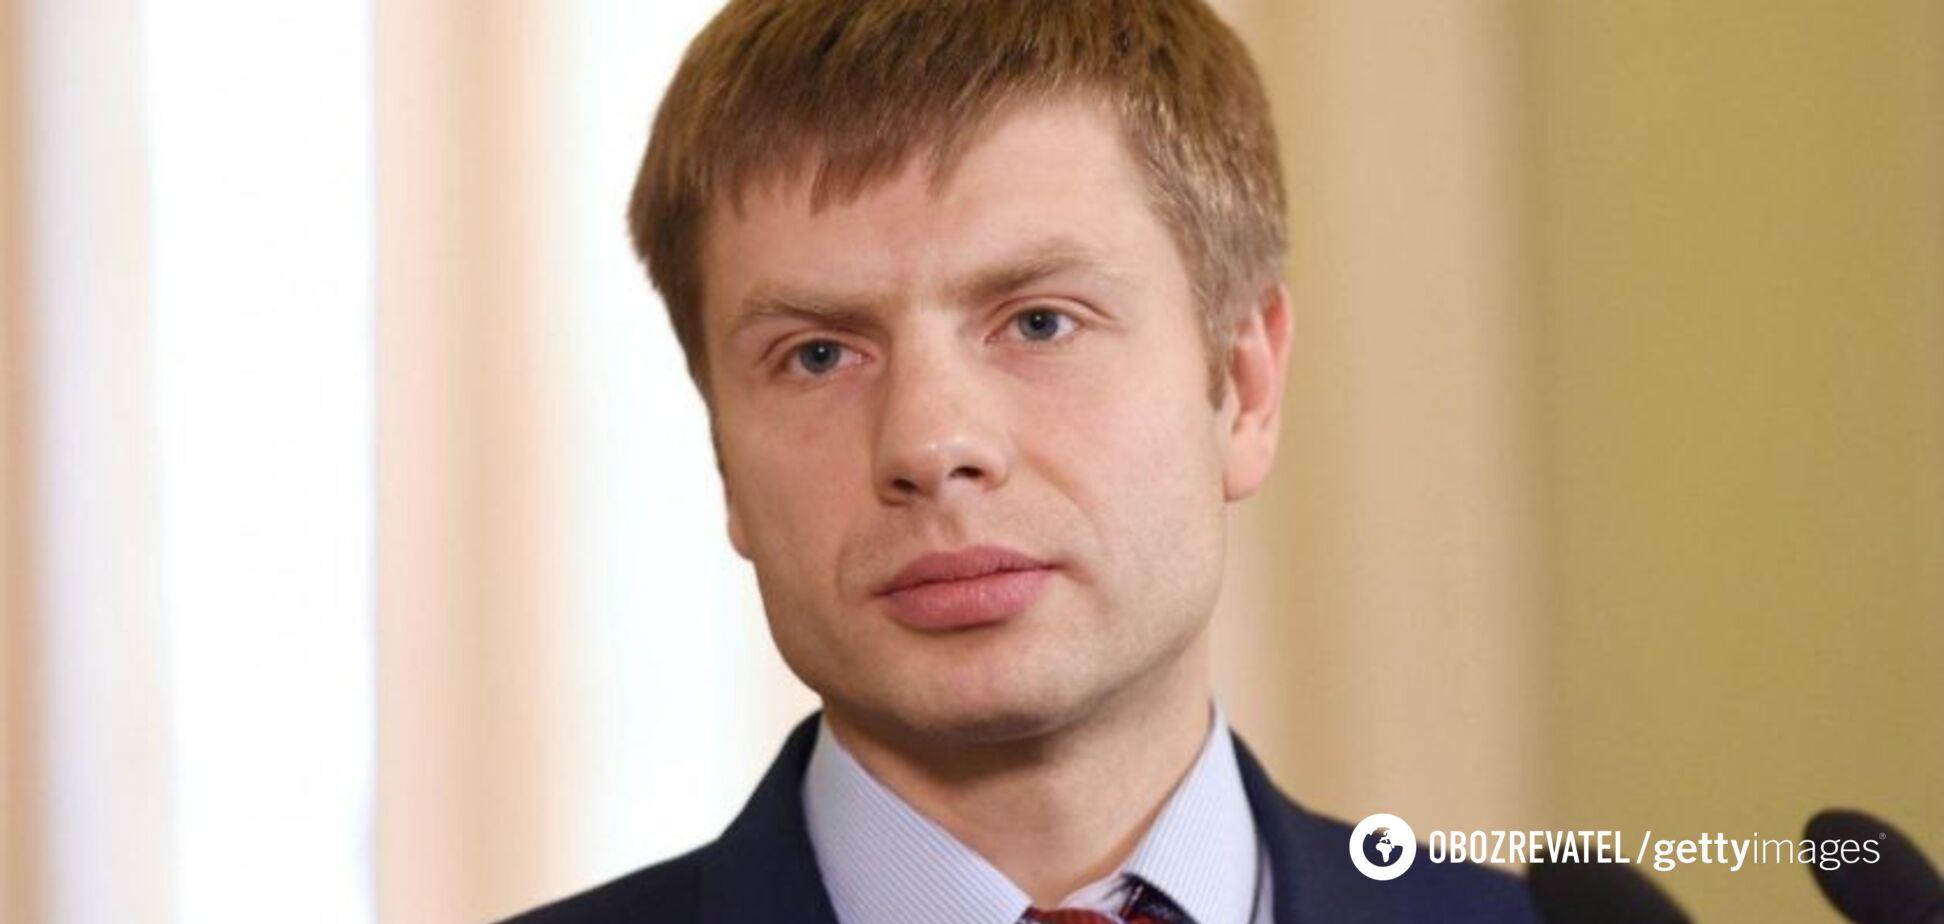 Поки Путін брязкає зброєю, Україна відправляє сотні мільйонів за імпорт електроенергії, – Гончаренко